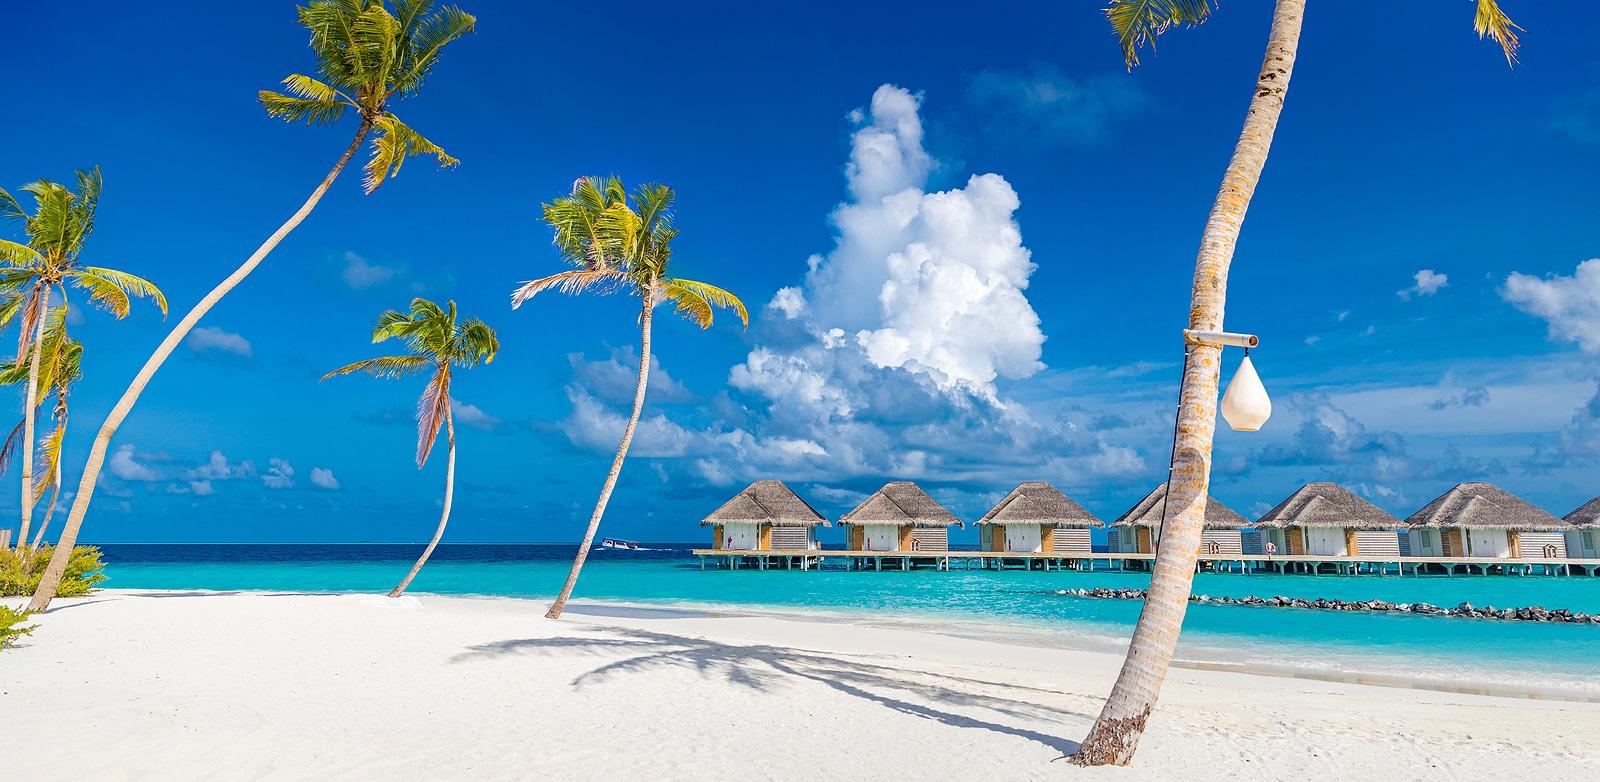 Amazing panorama at Maldives